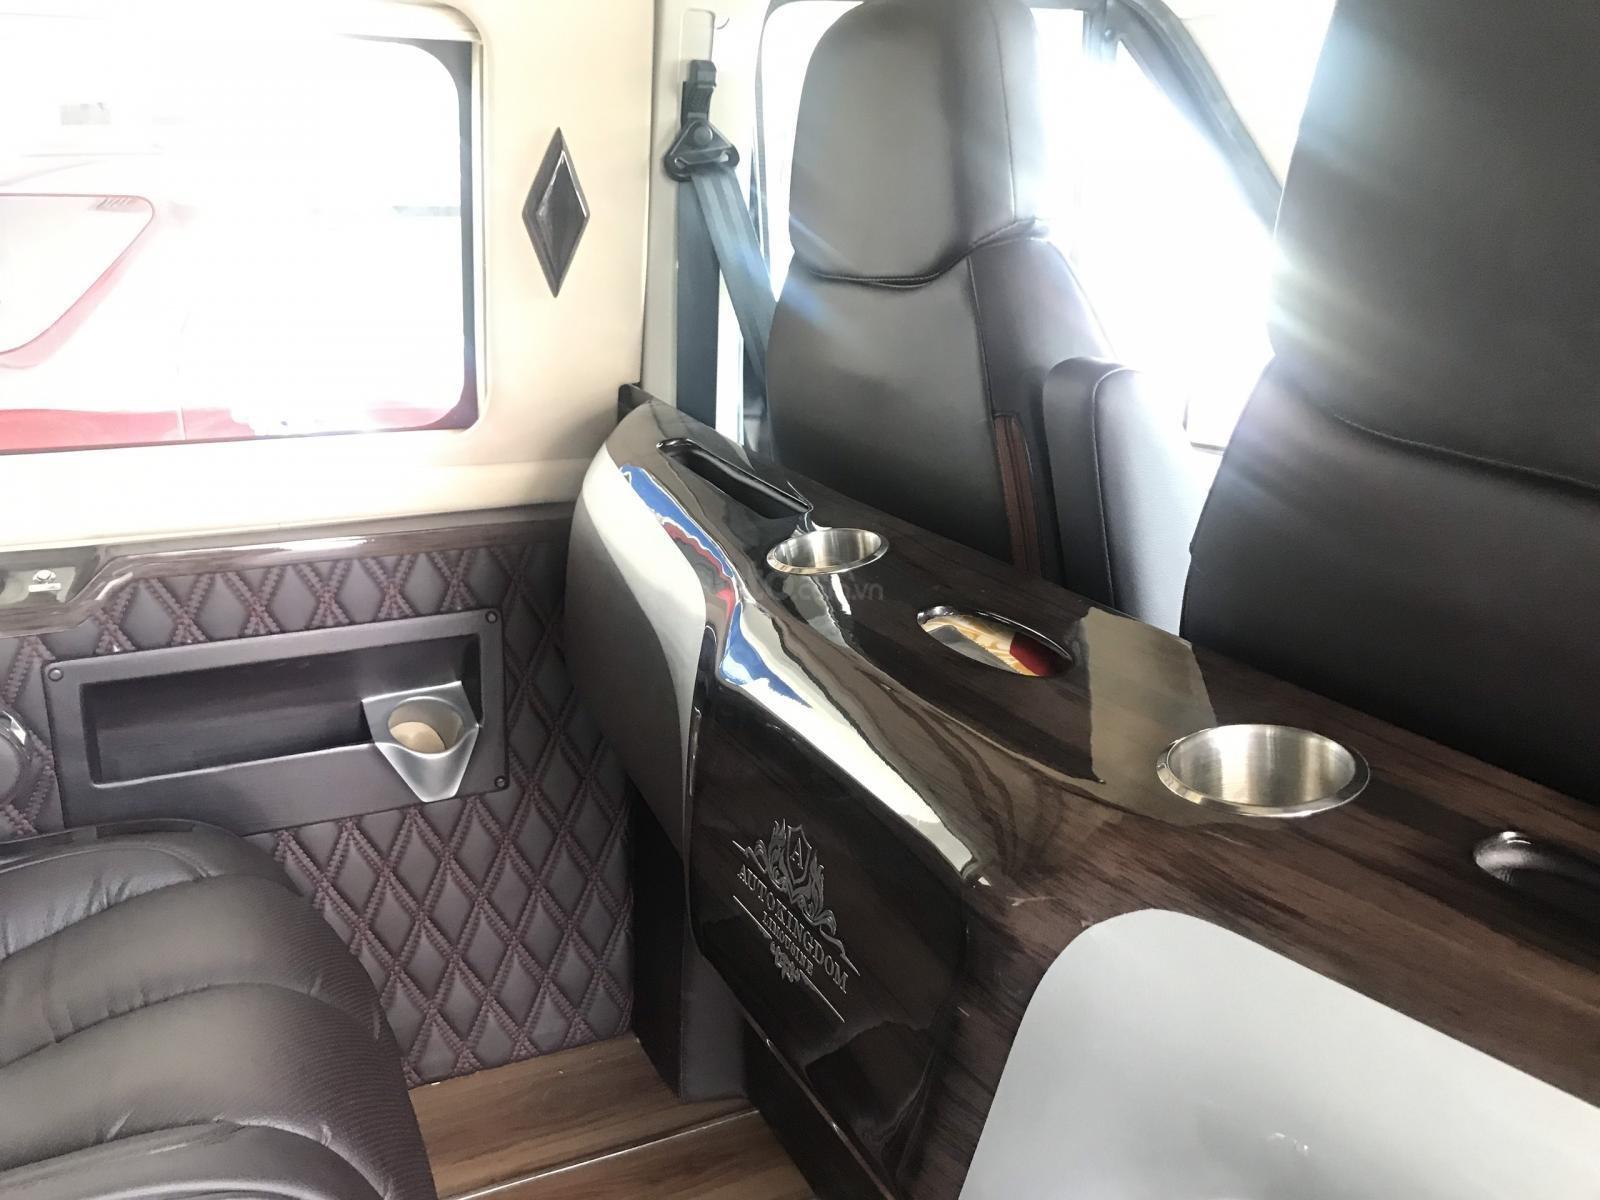 Cần bán Ford Transit Limousine vip trung cấp, dành cho chuyên gia, đẳng cấp doanh nhân (9)